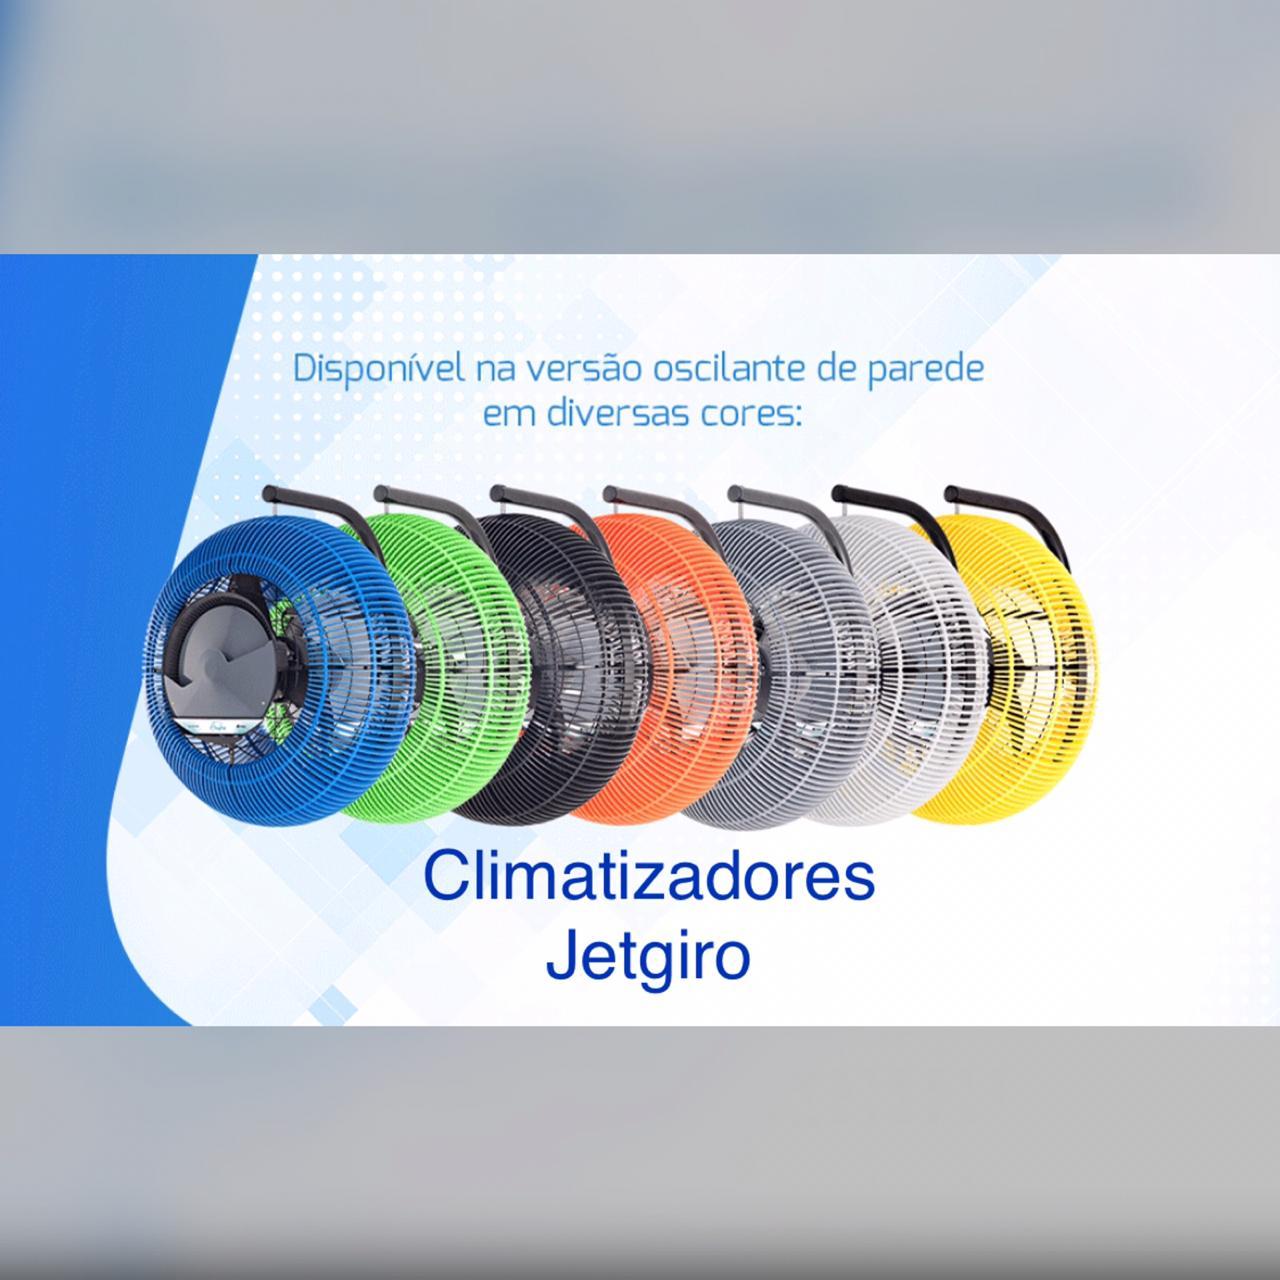 climatizador_jetjiro